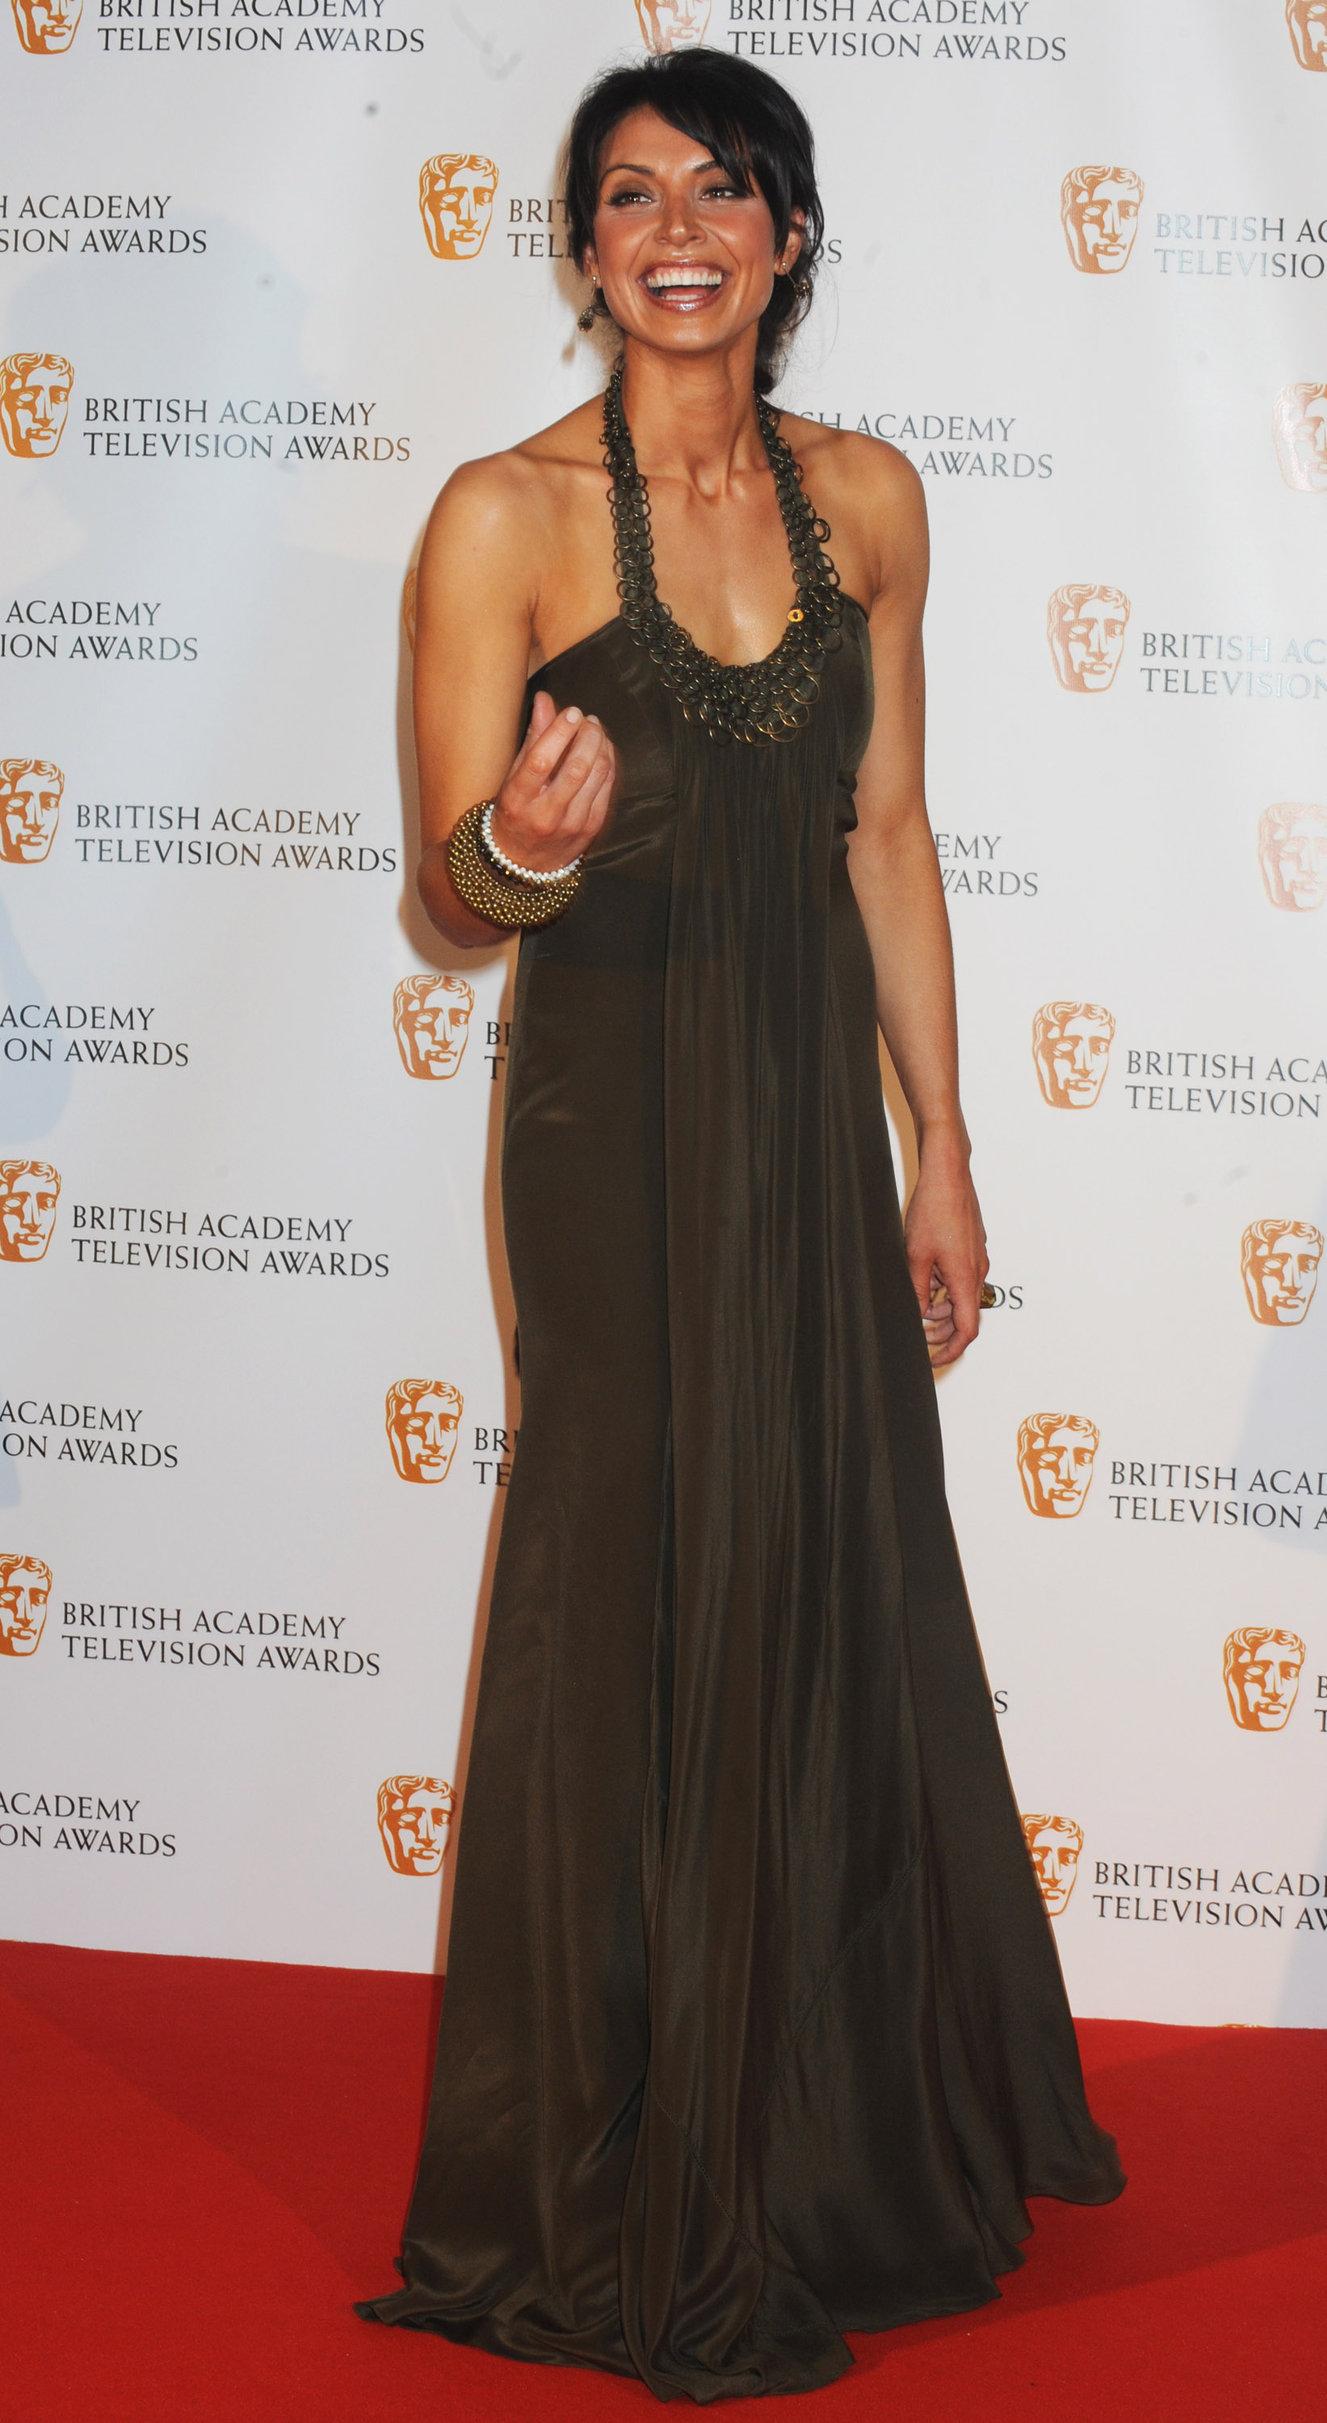 Christine Bleakley bafta television awards April 26, 2009